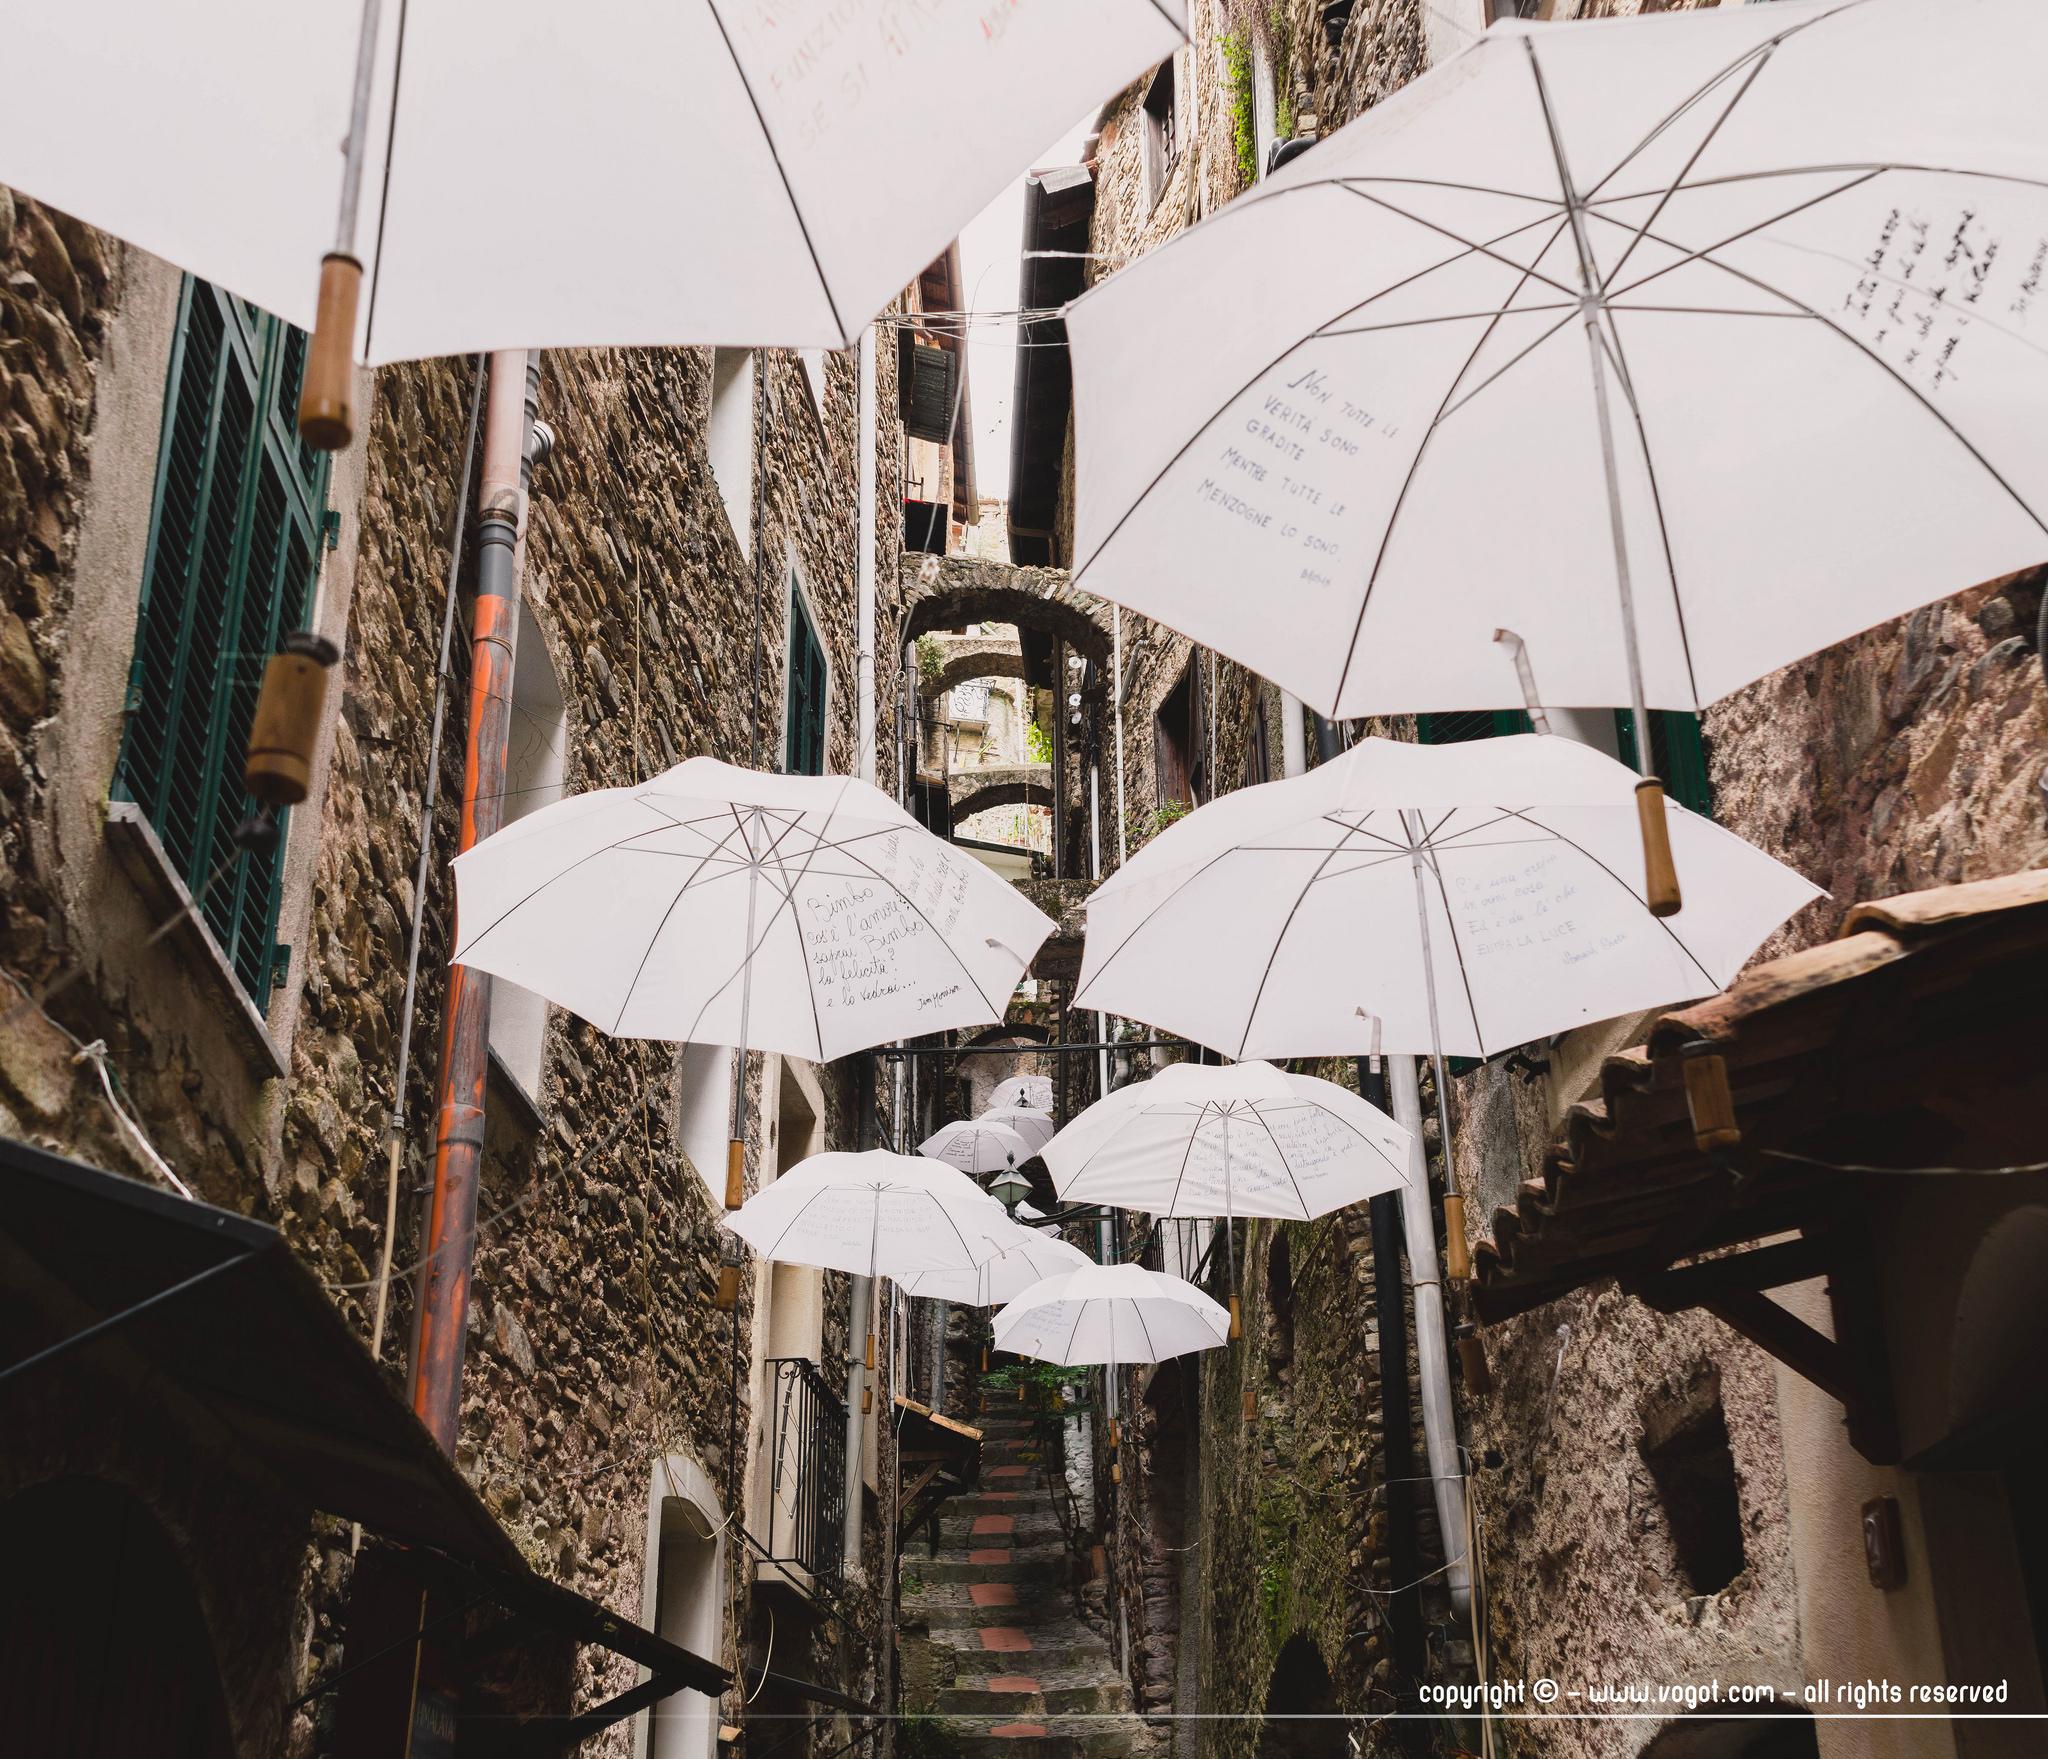 dolceacqua - des parapluies sont suspendues au-dessus d'une ruelle étroite